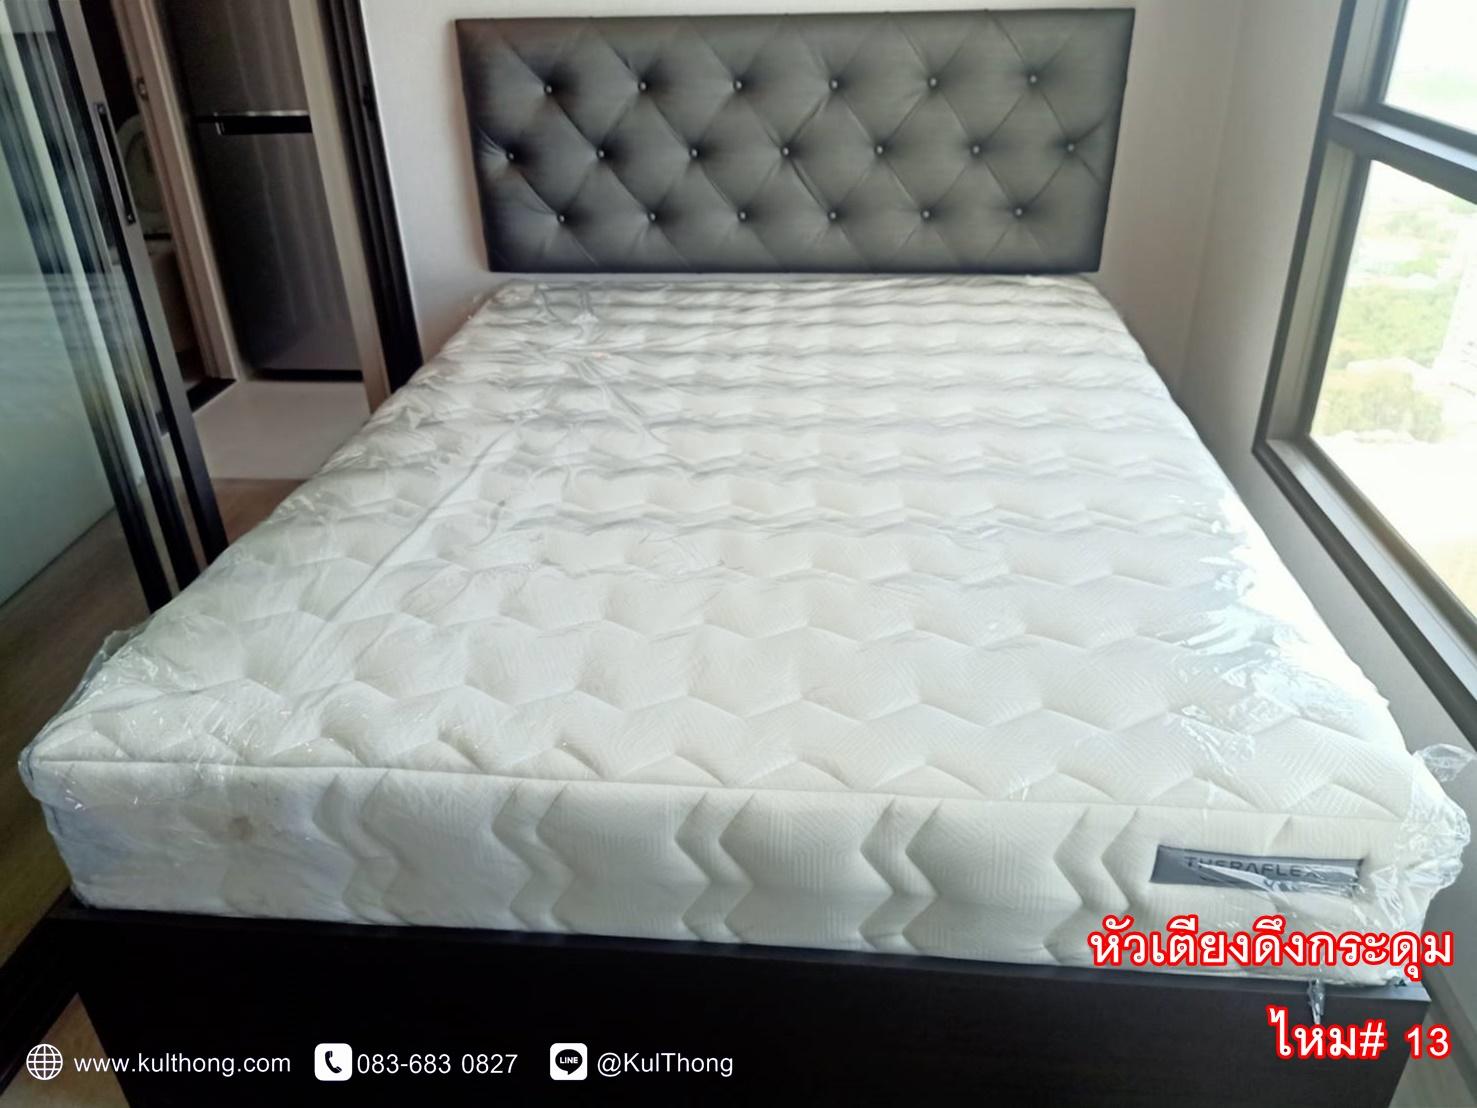 แผ่นหัวเตียง ผนังหัวเตียง บุหัวเตียง